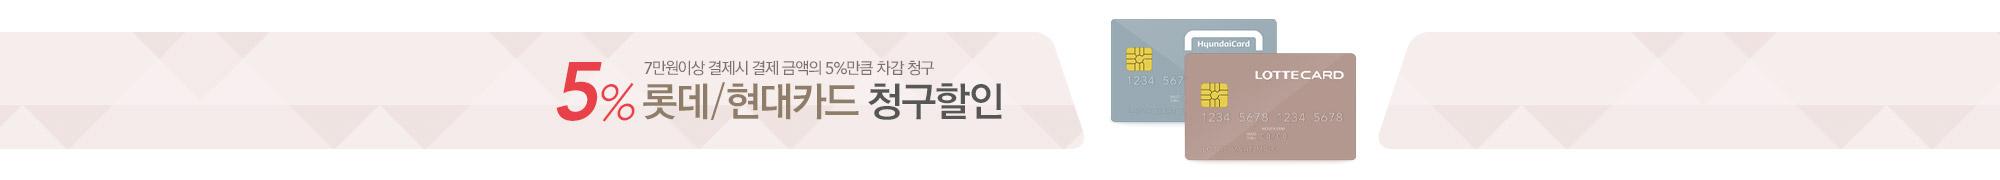 롯데/현대카드 5%청구할인